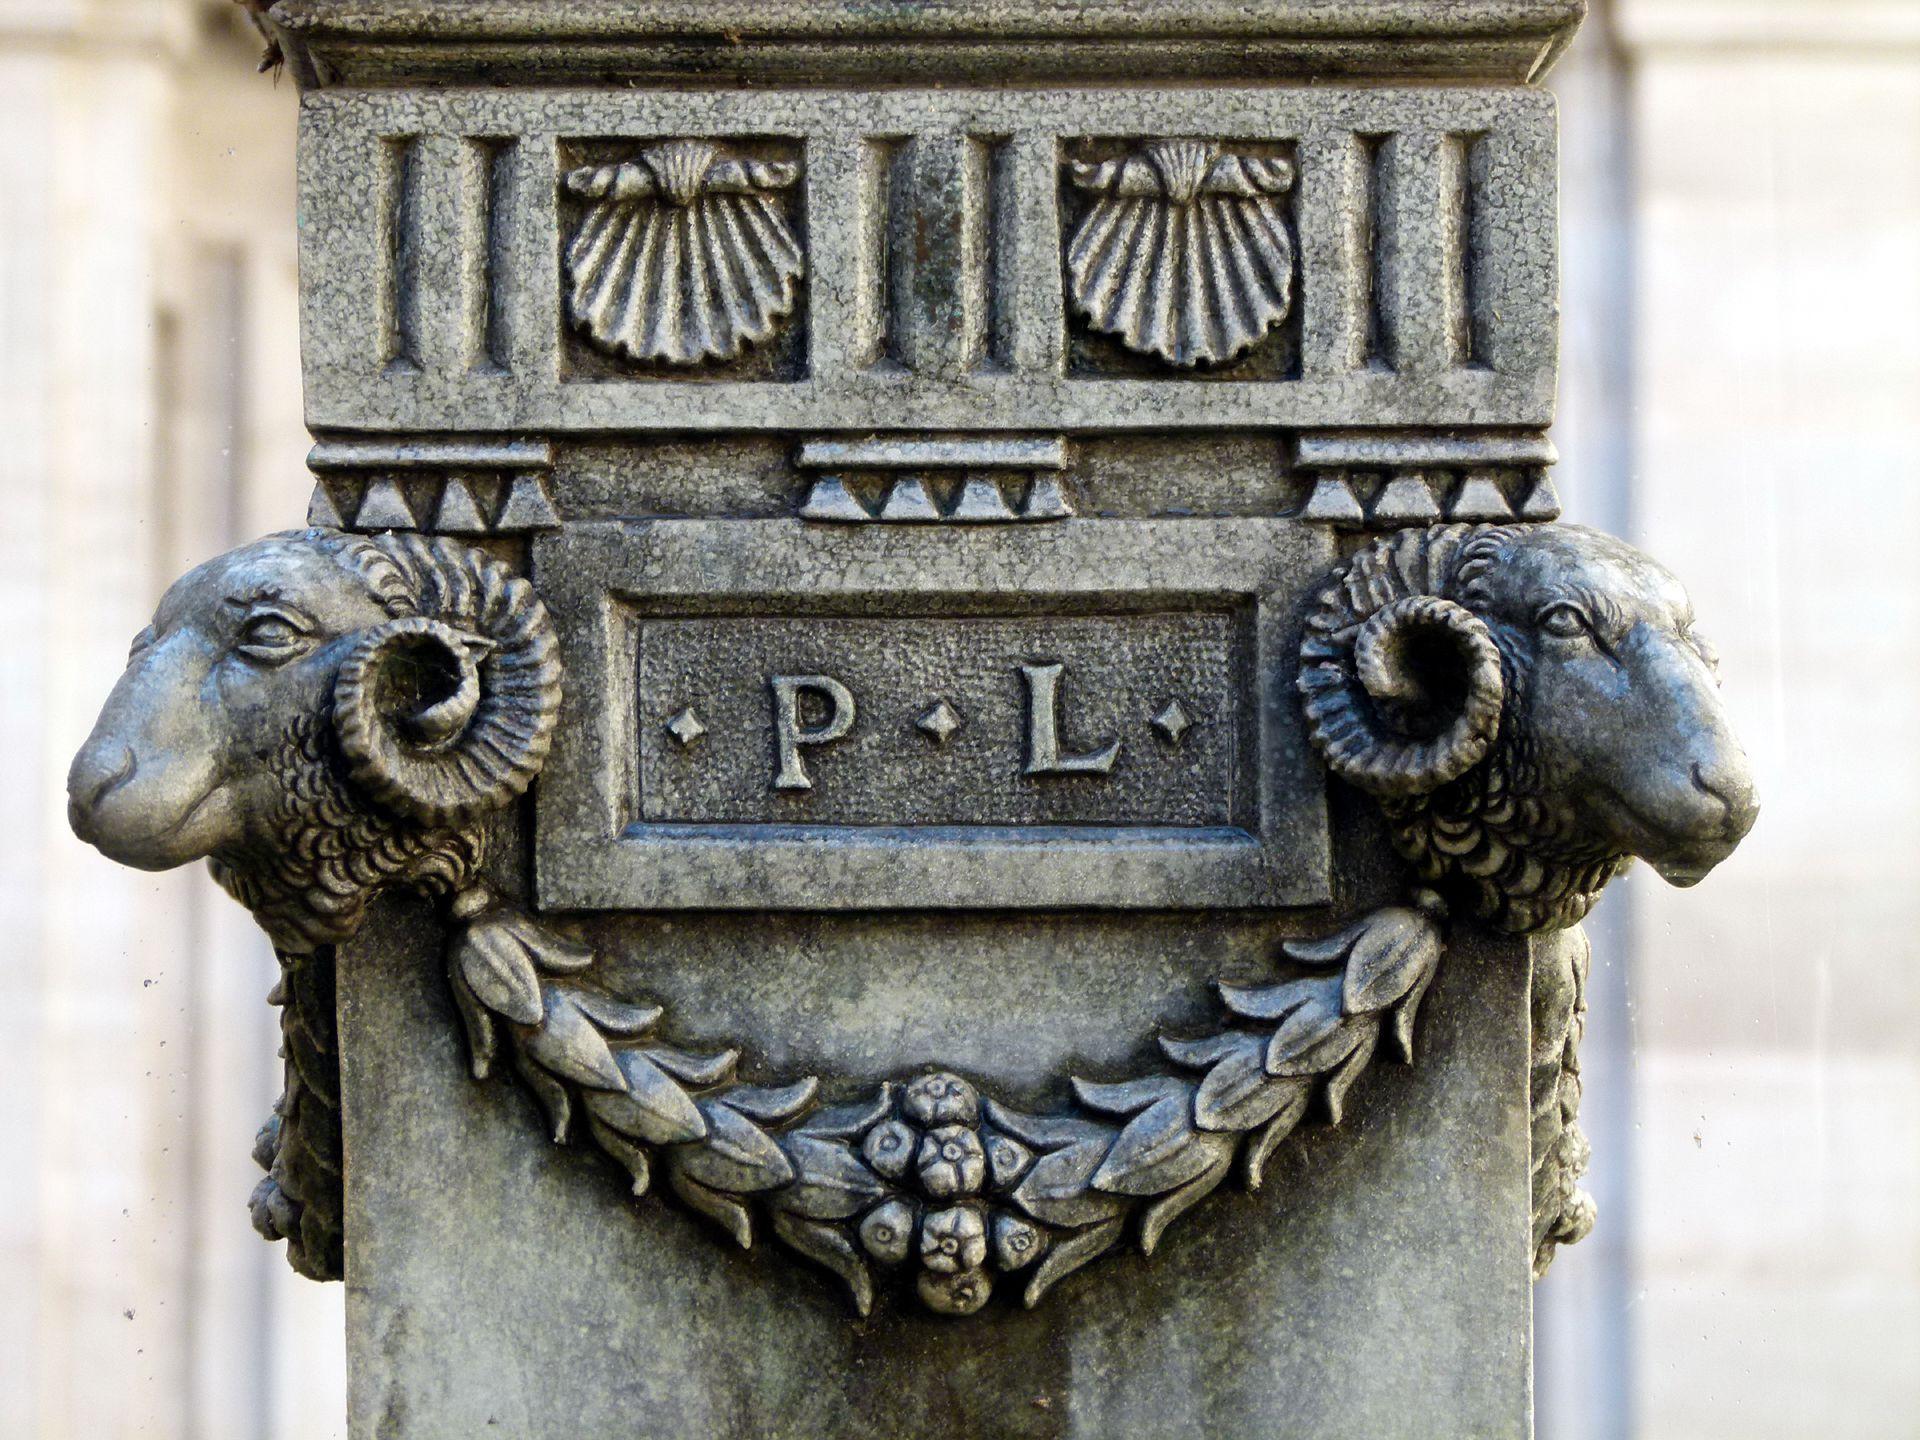 Puttobrunnen Signatur von Pankraz Labenwolff zwischen Widderköpfen und Girlande